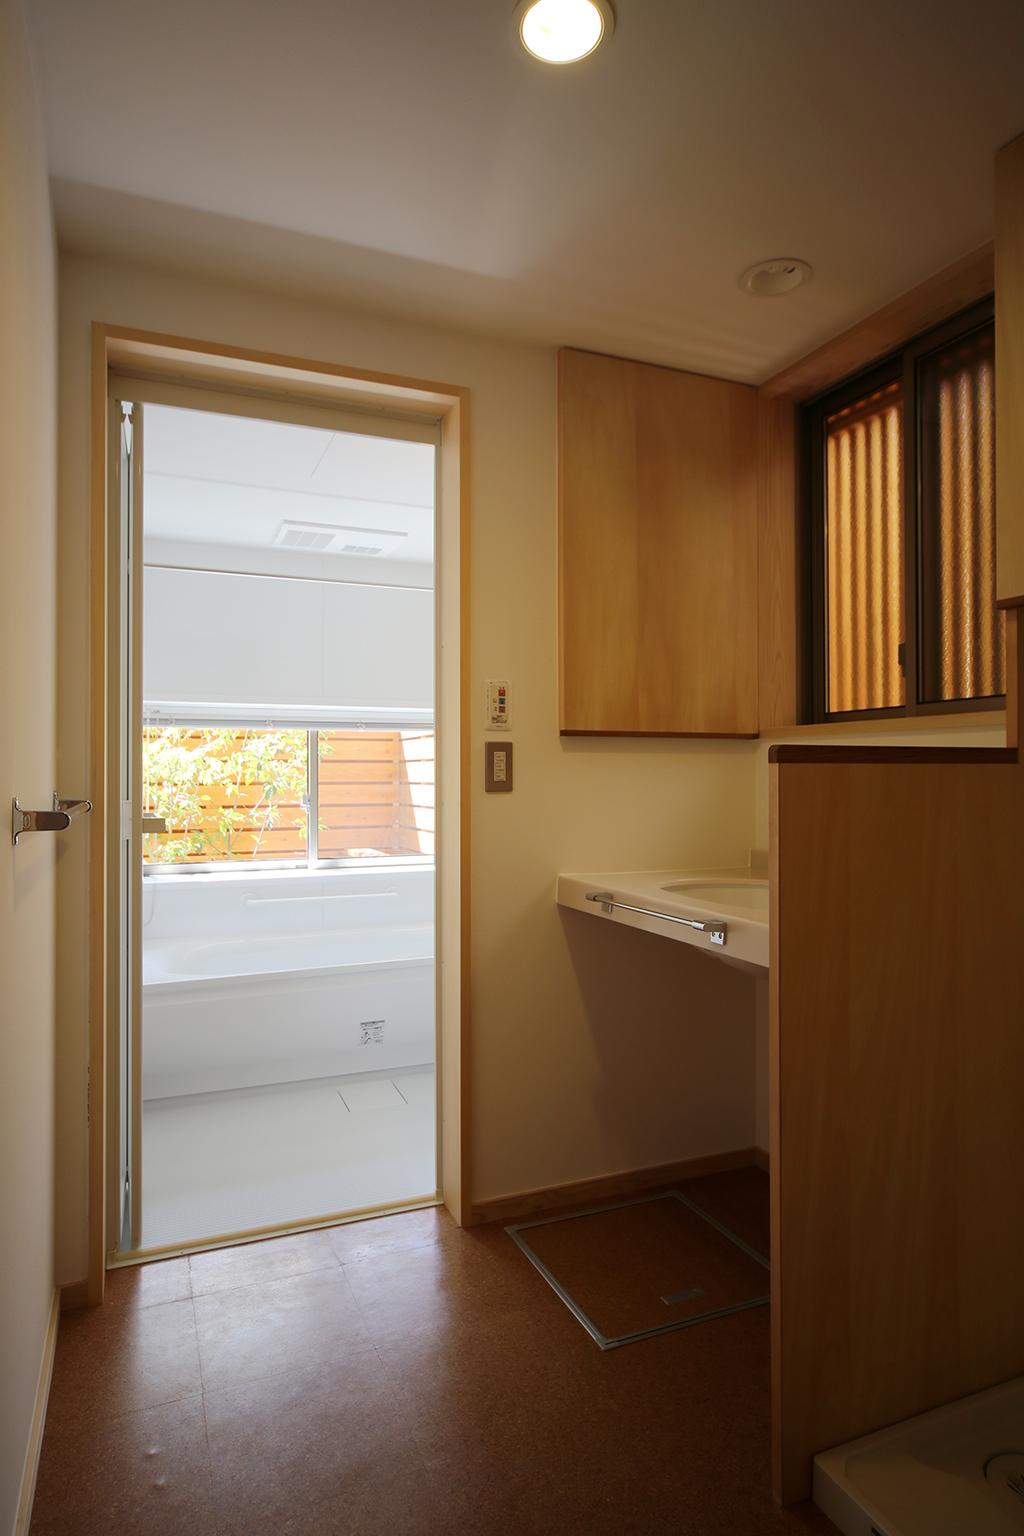 姫路市の木の家 洗面脱衣室と浴室